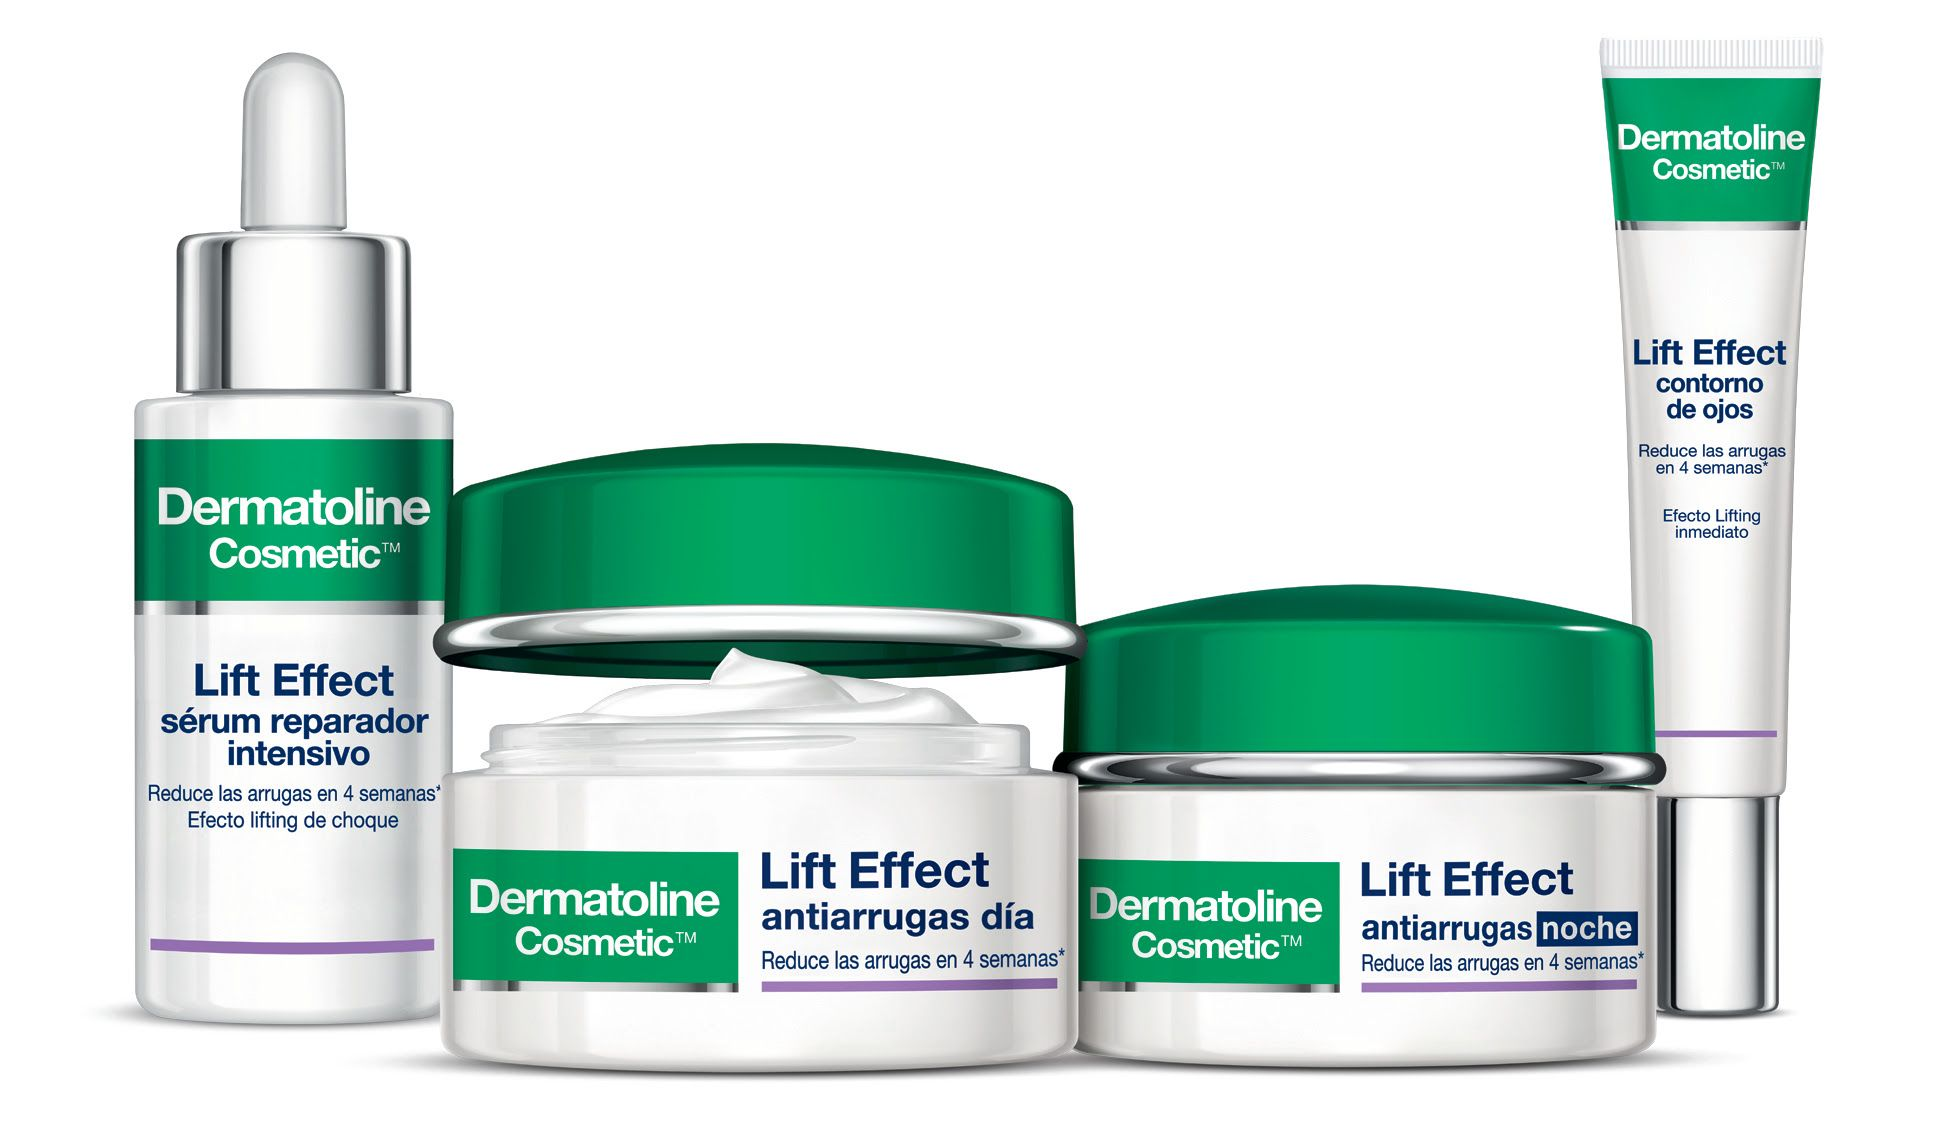 dermatoline cosmetici rostro